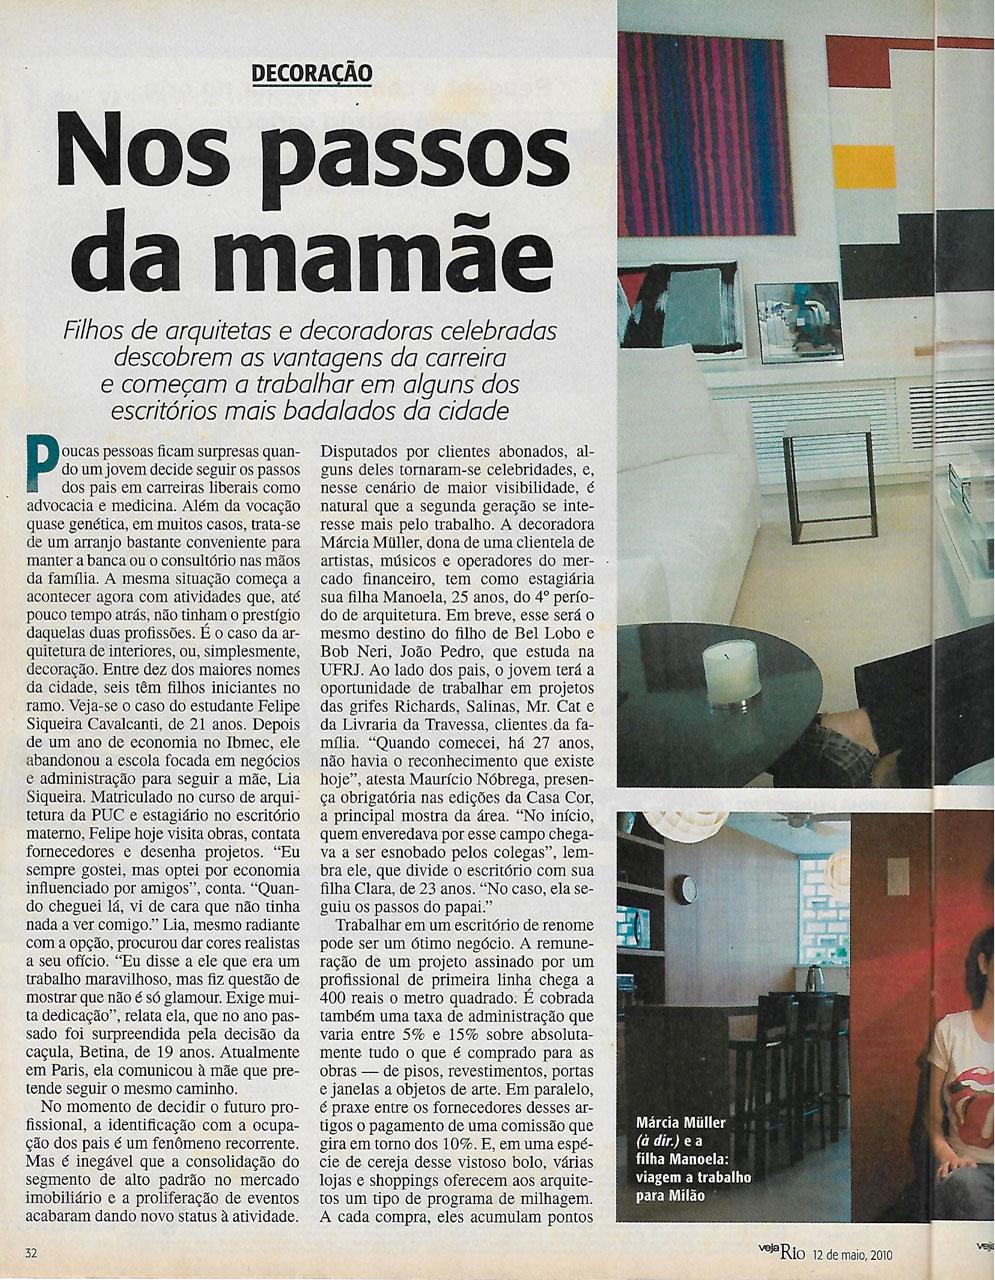 Revista Veja Rio